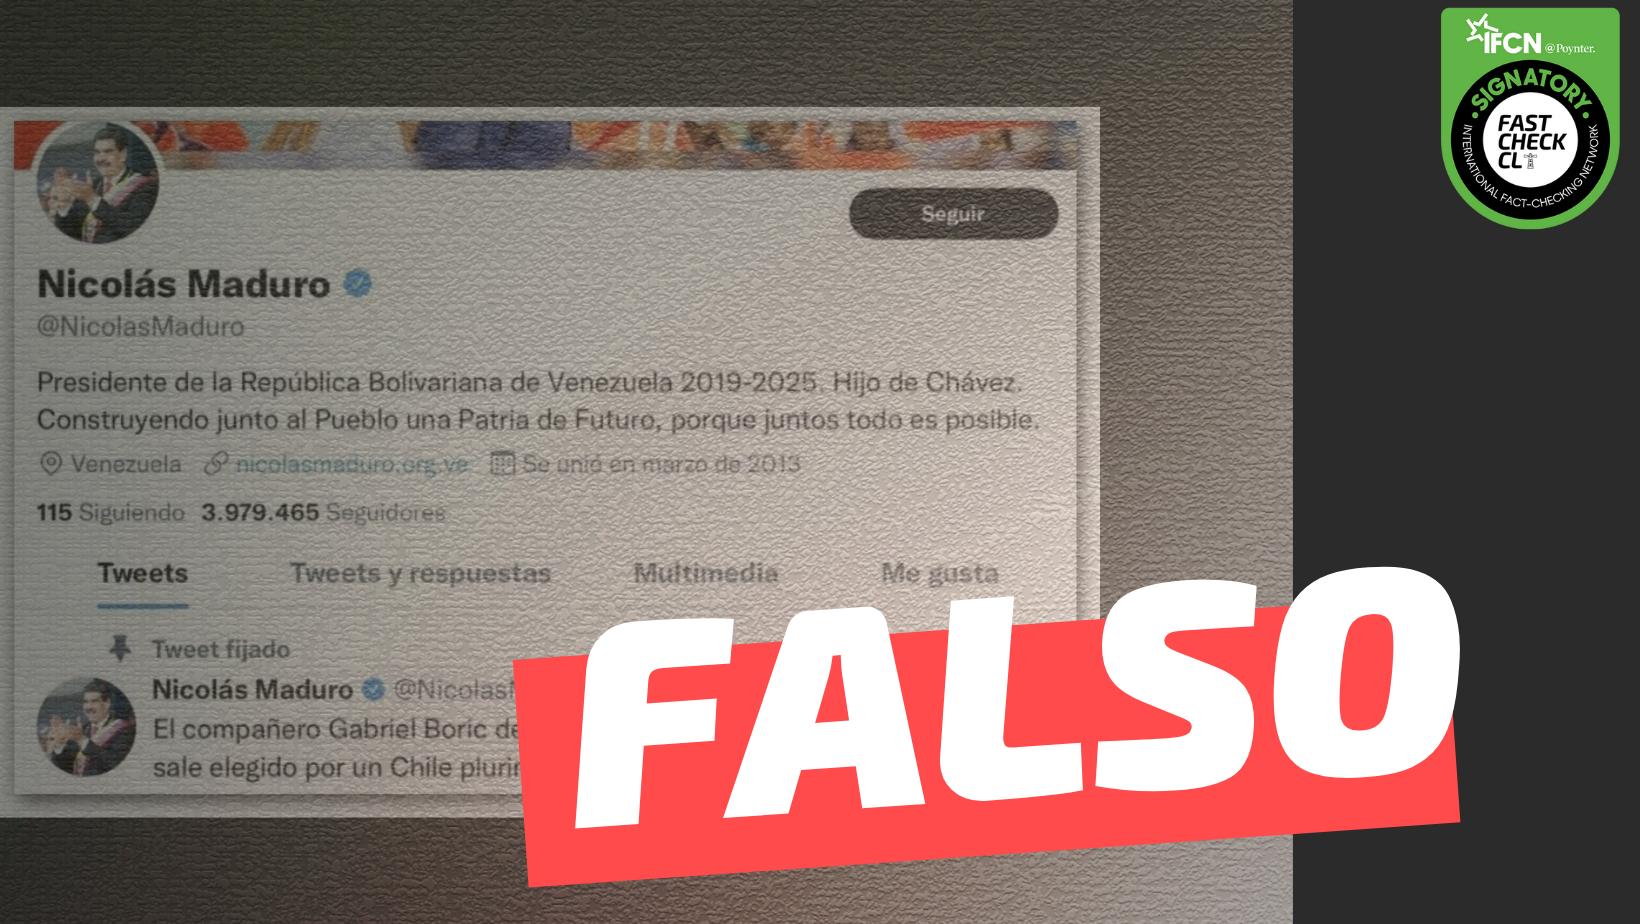 """Read more about the article Nicolás Maduro en Twitter: """"El compañero Gabriel Boric debe cumplir al pie de la letra el programa si sale elegido por un Chile plurinacional Bolivariano"""": #Falso"""